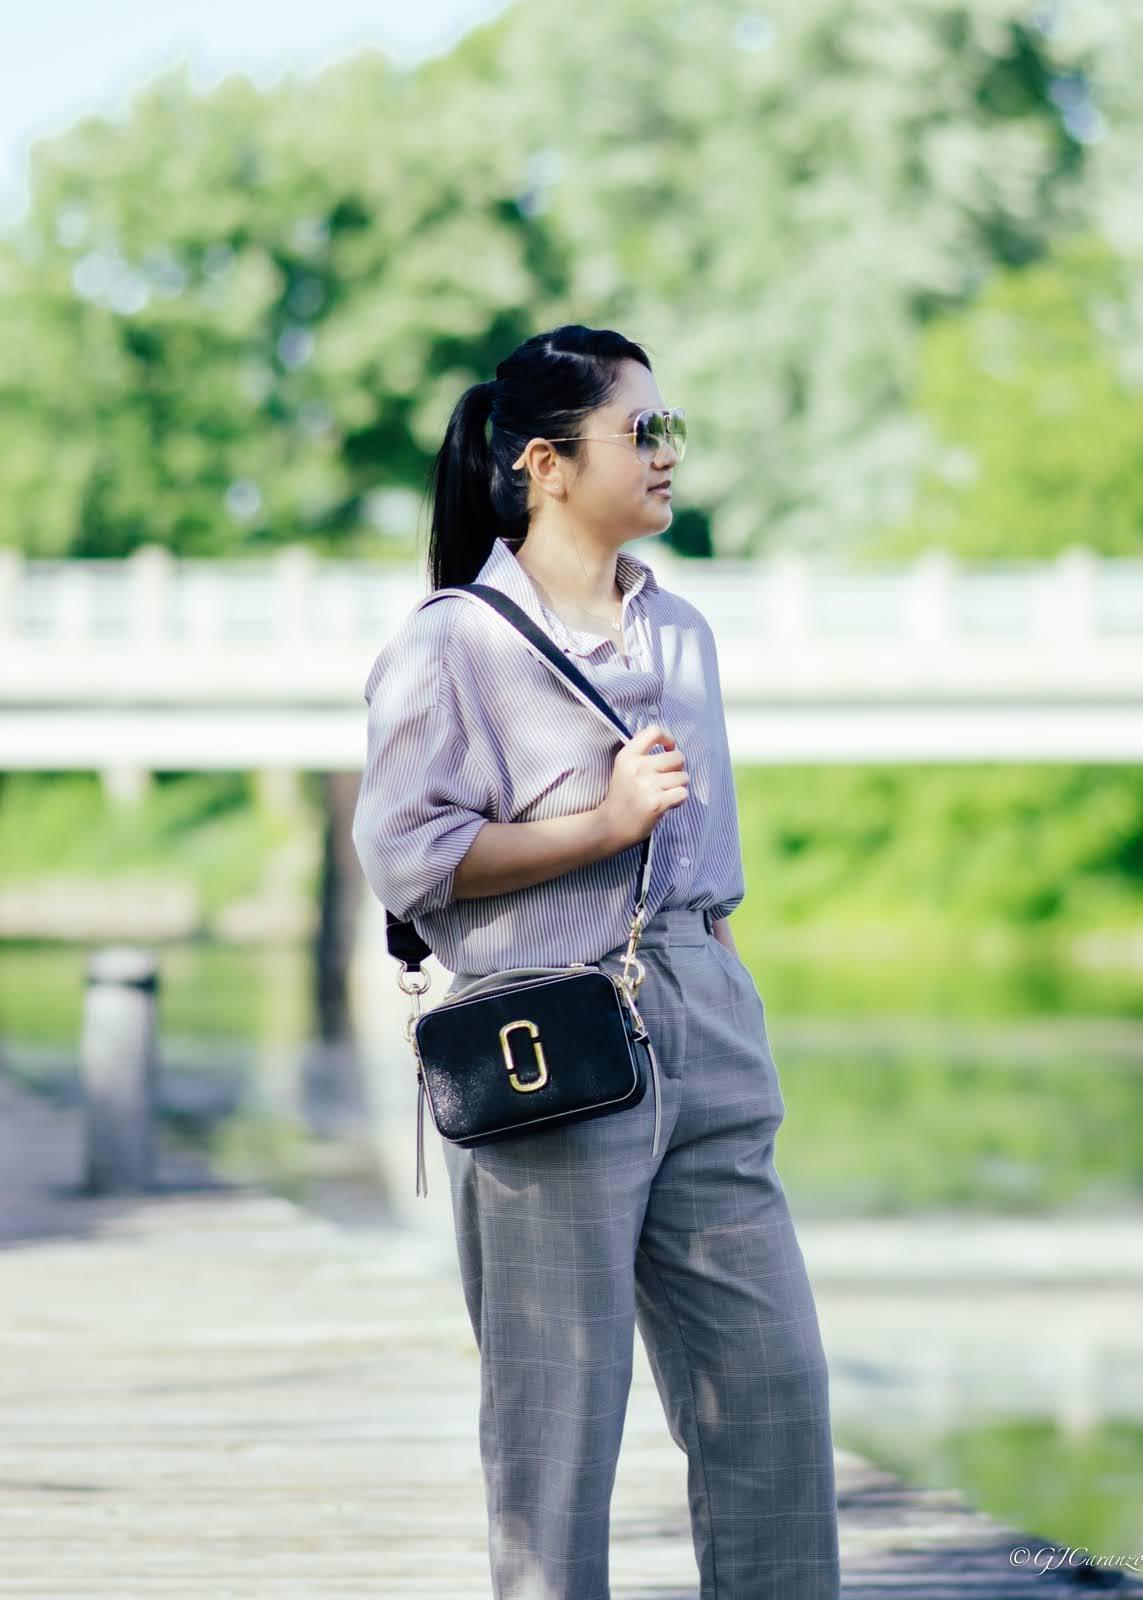 Flowy Stripe Shirt_Plaid Pants_Petite Summer Outfit_Marc Jacobs Sure Shot Bag